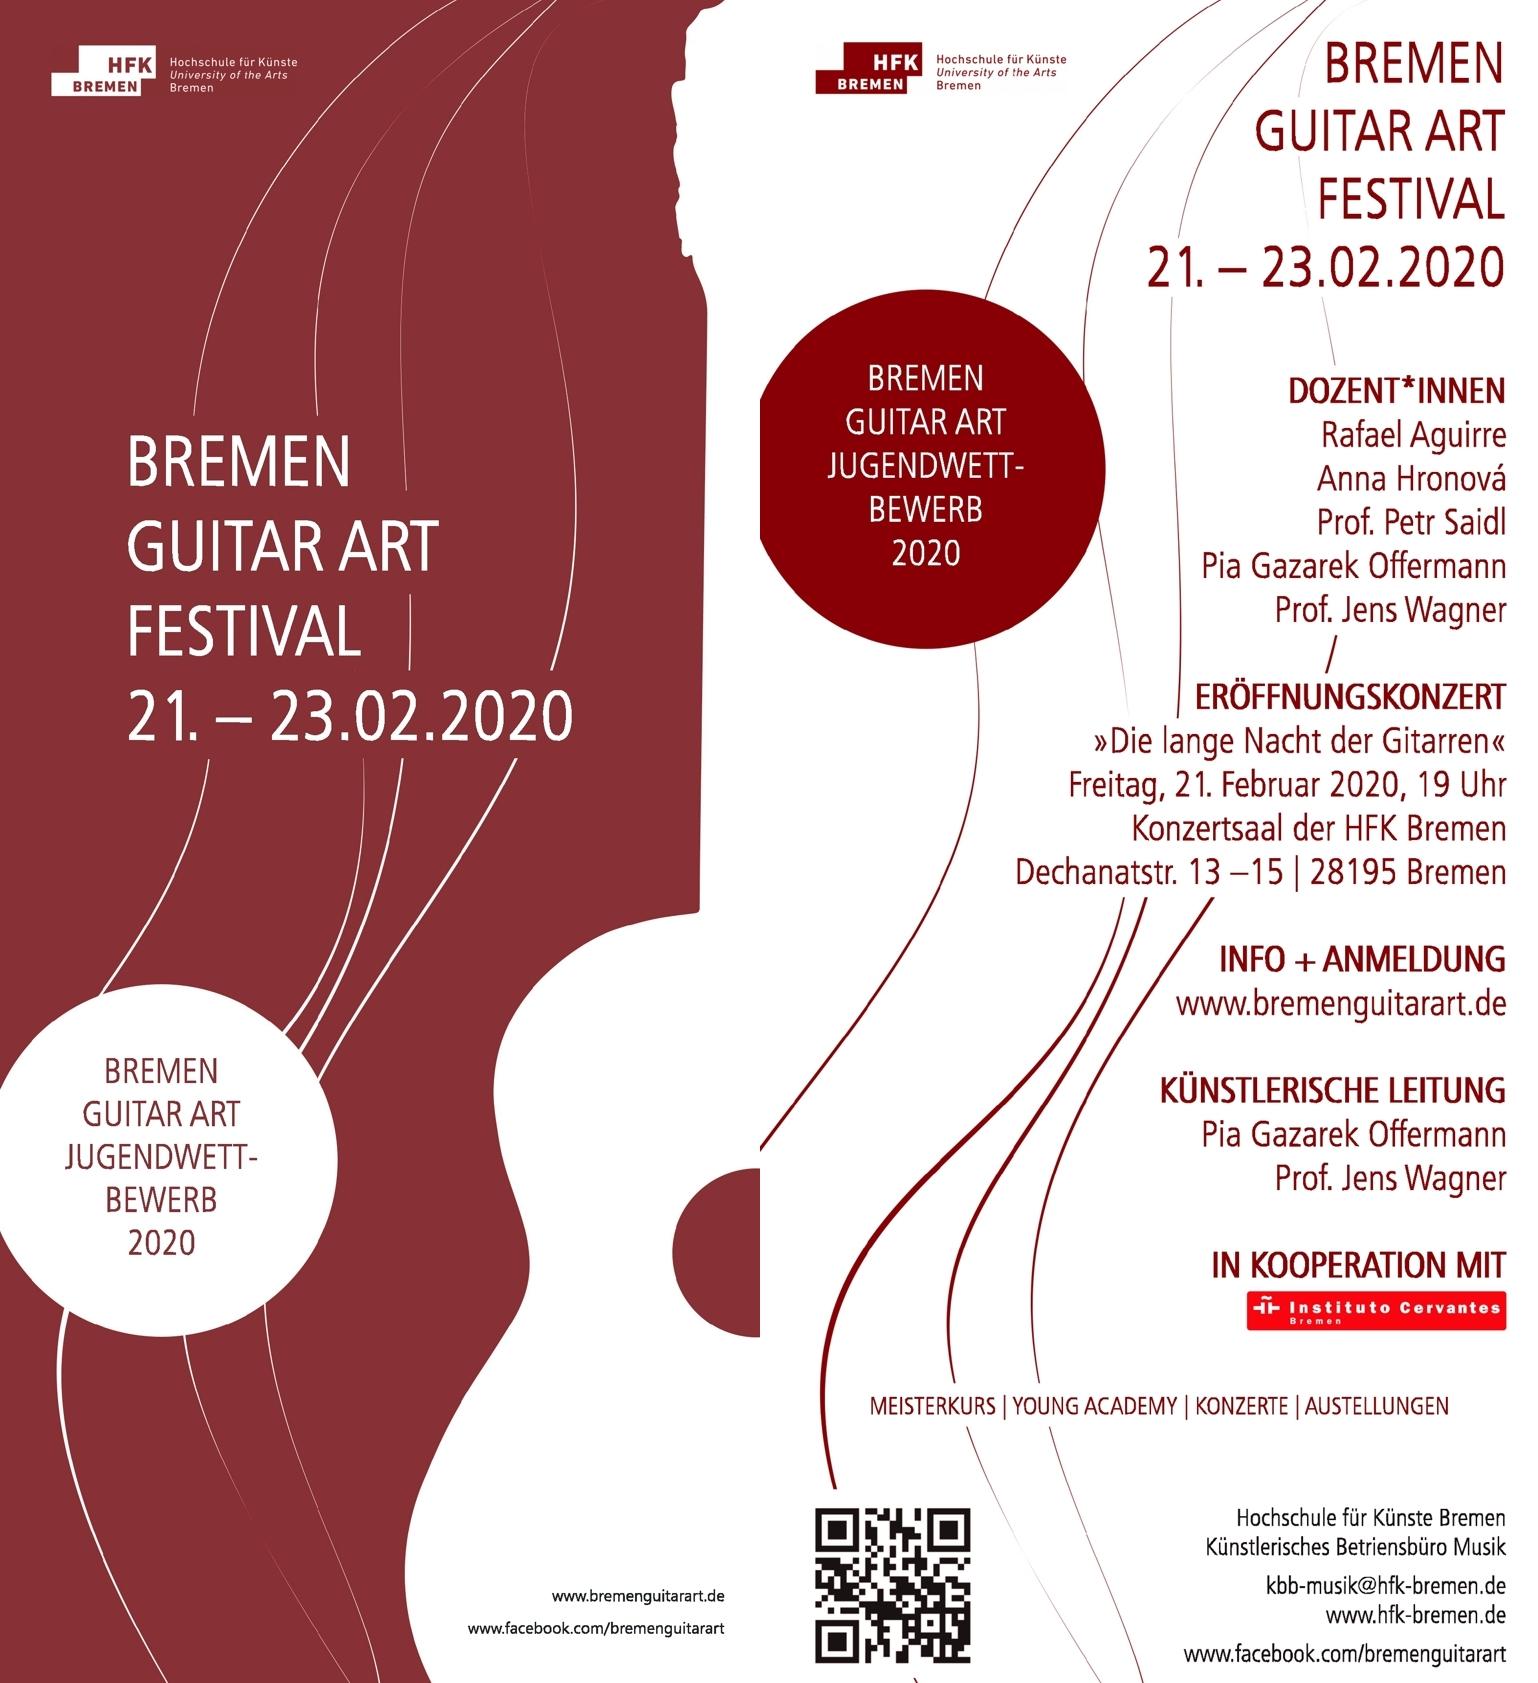 bremen musikhochschule